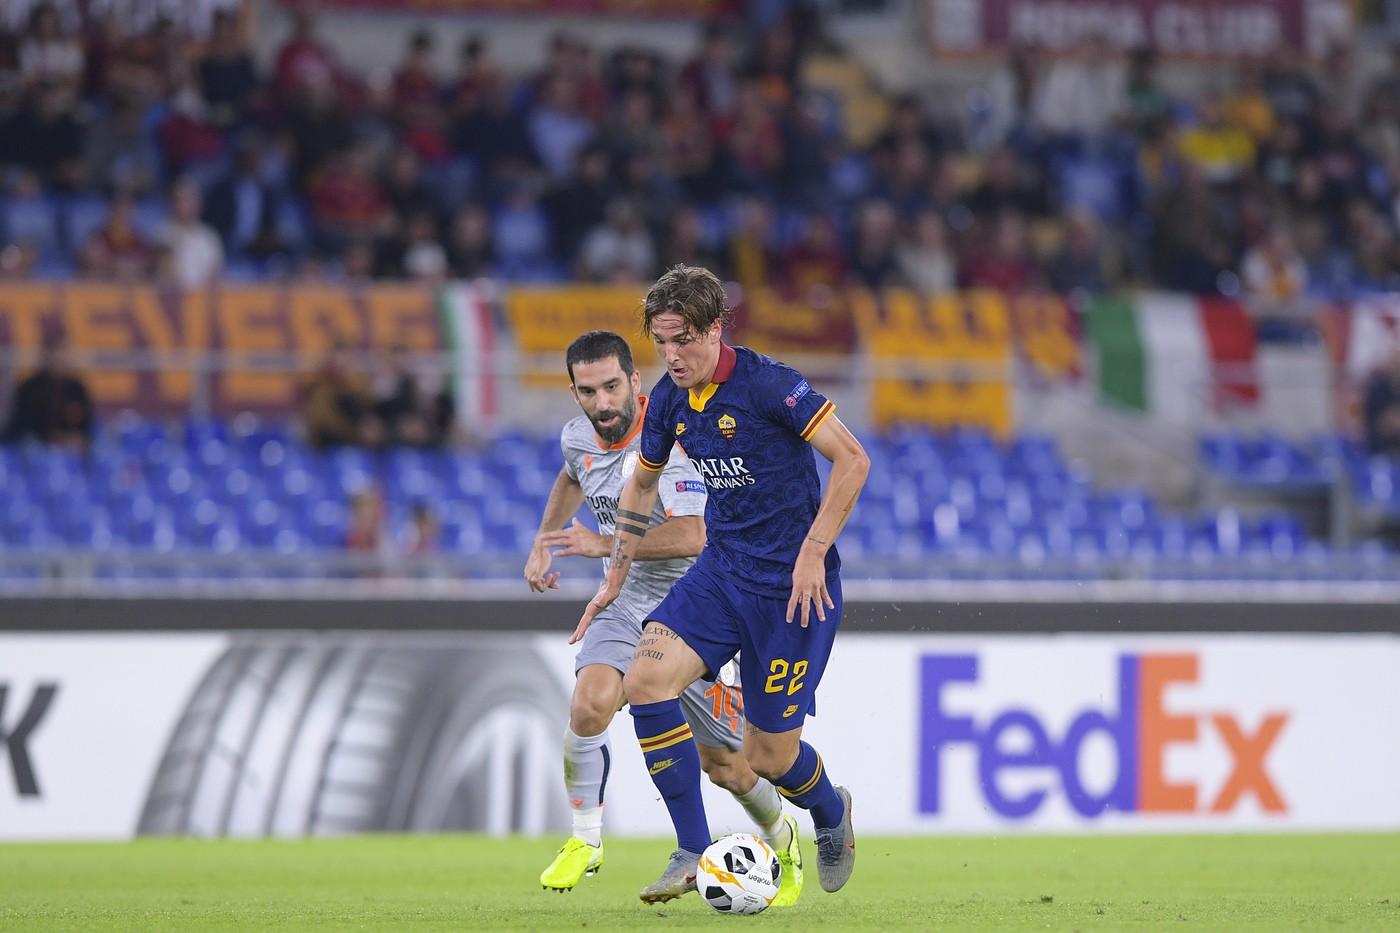 Luciano Rossi/AS Roma/LaPresse